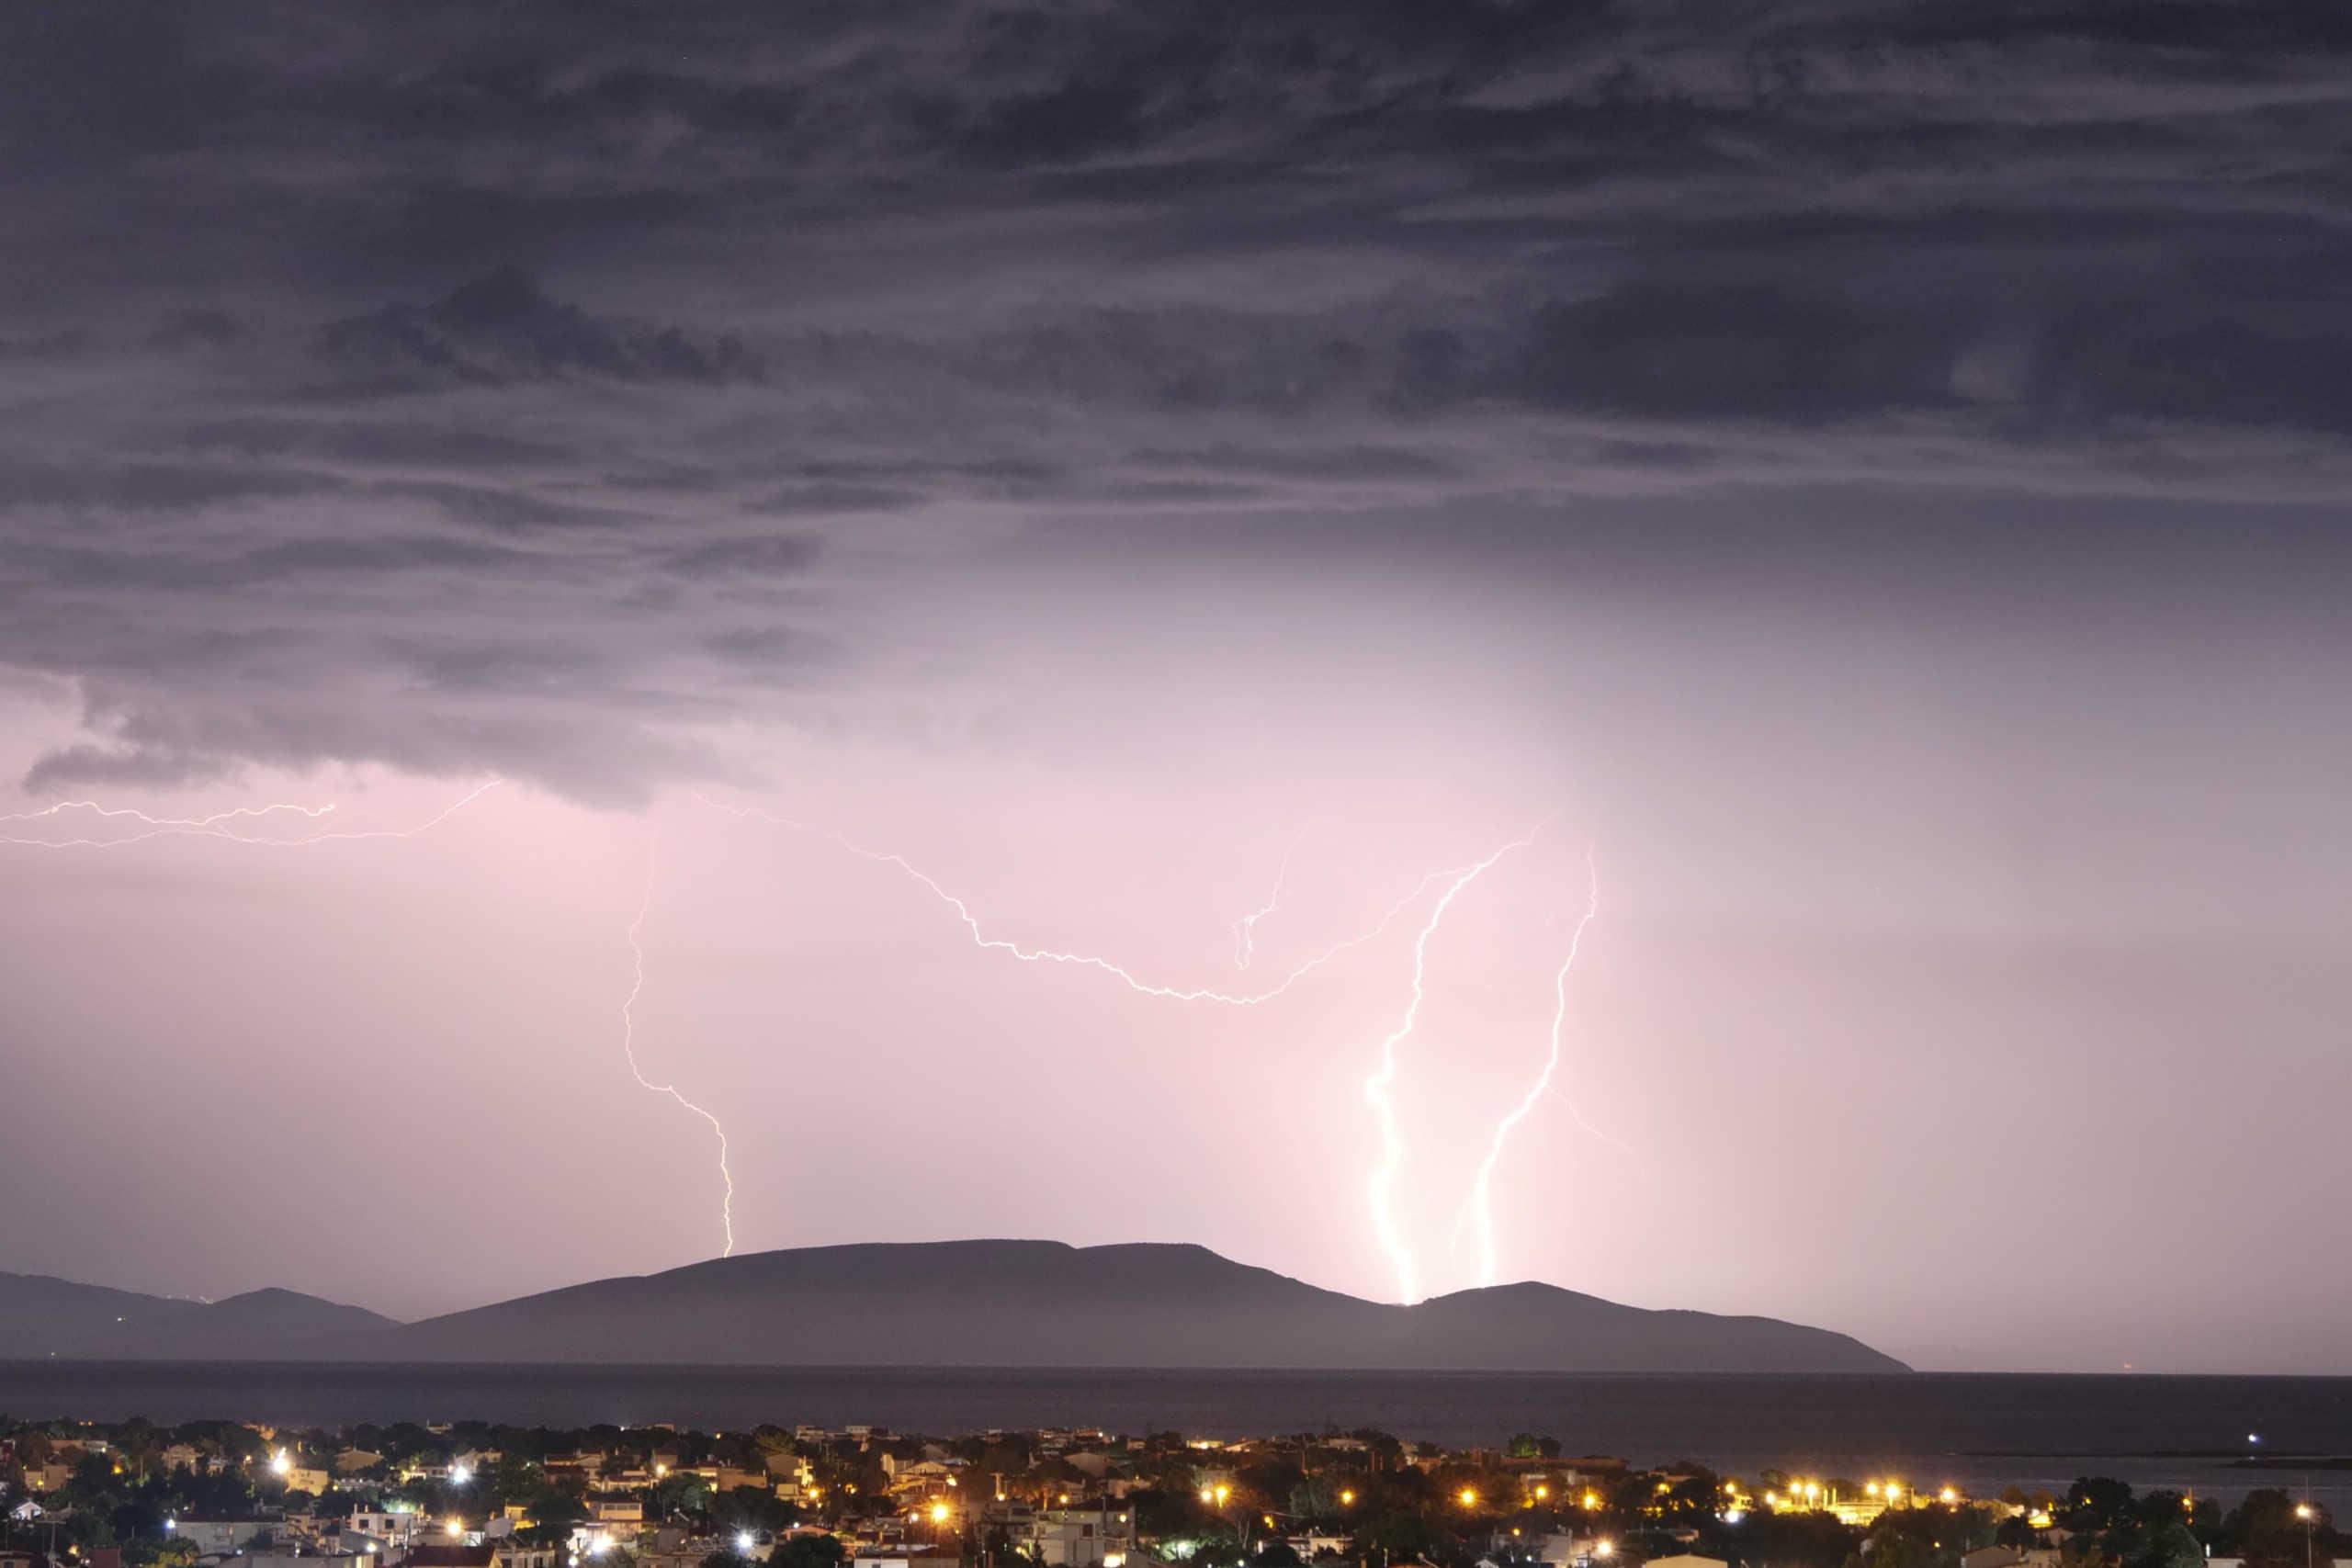 Καιρός αύριο: Επιδείνωση με βροχές, καταιγίδες και χιόνια στα ορεινά